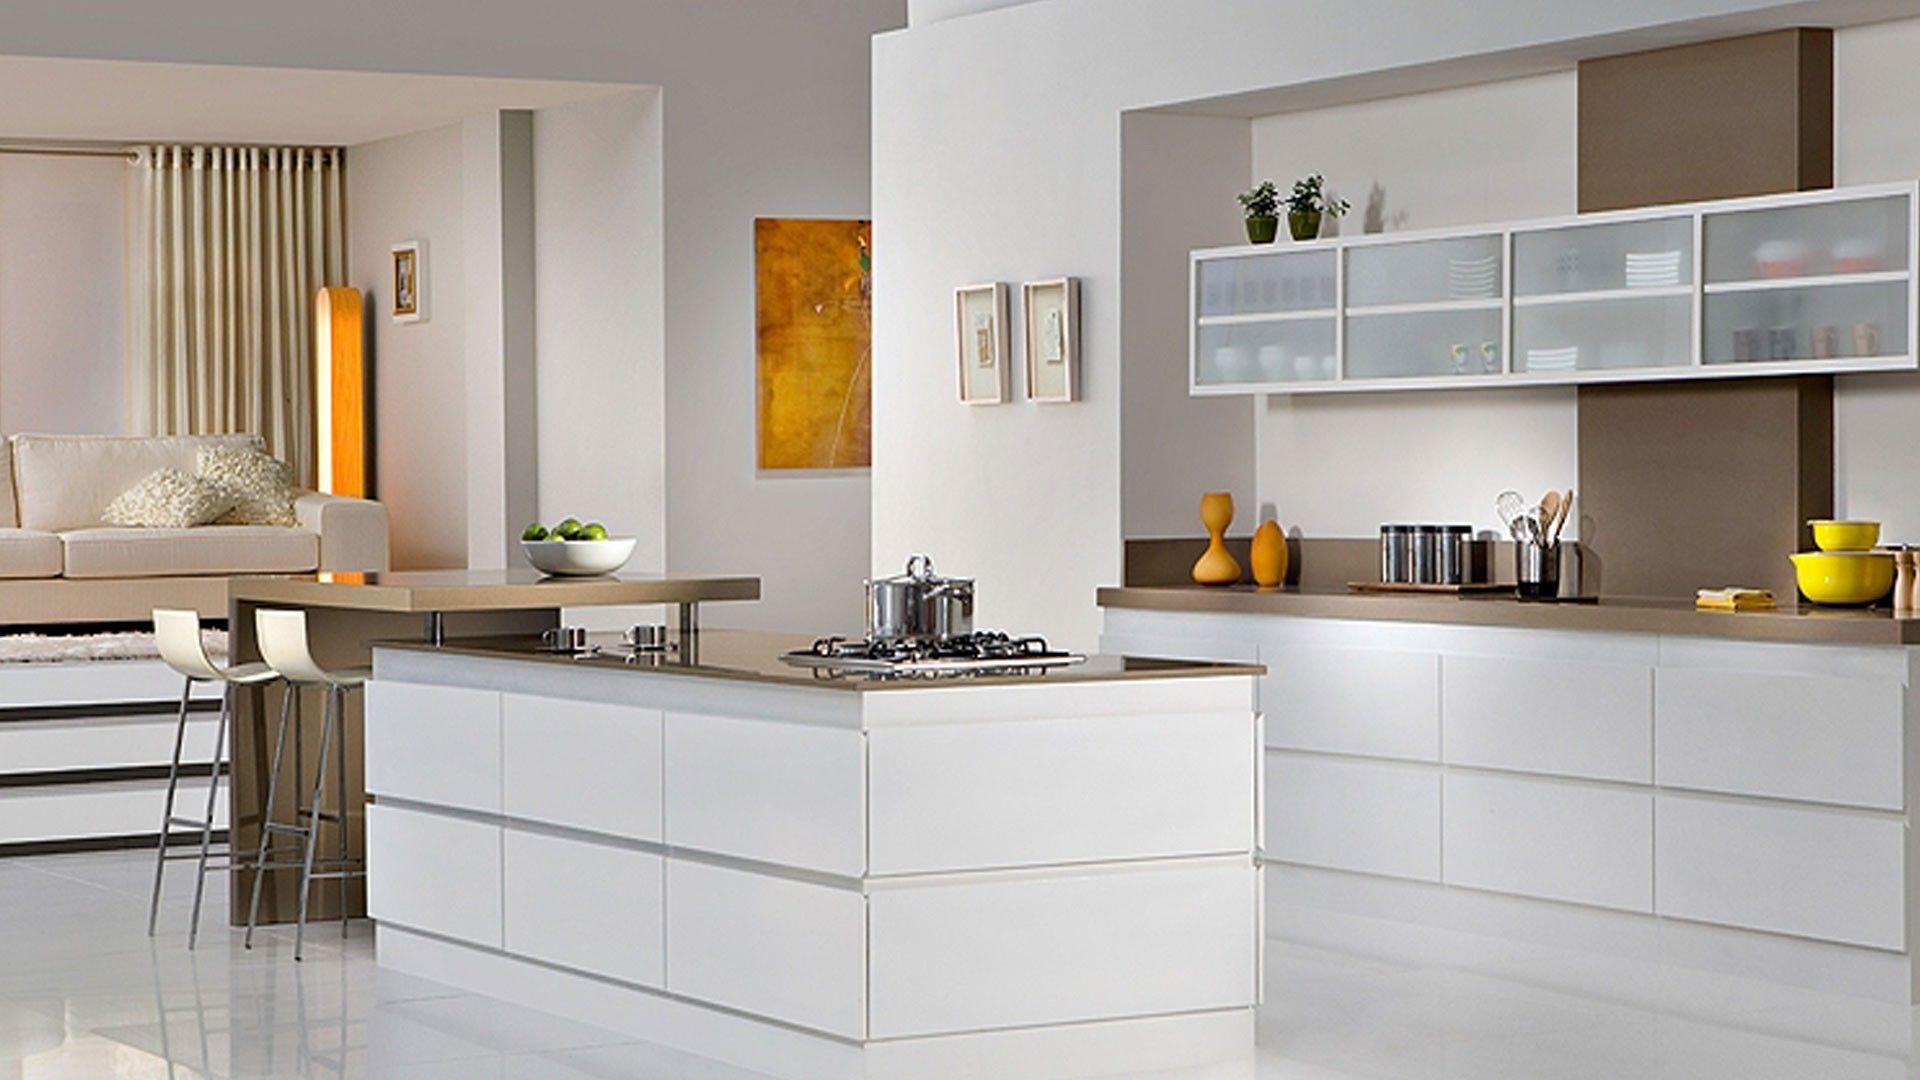 moderne küche kabinett türen  wenn sie bereit sind für